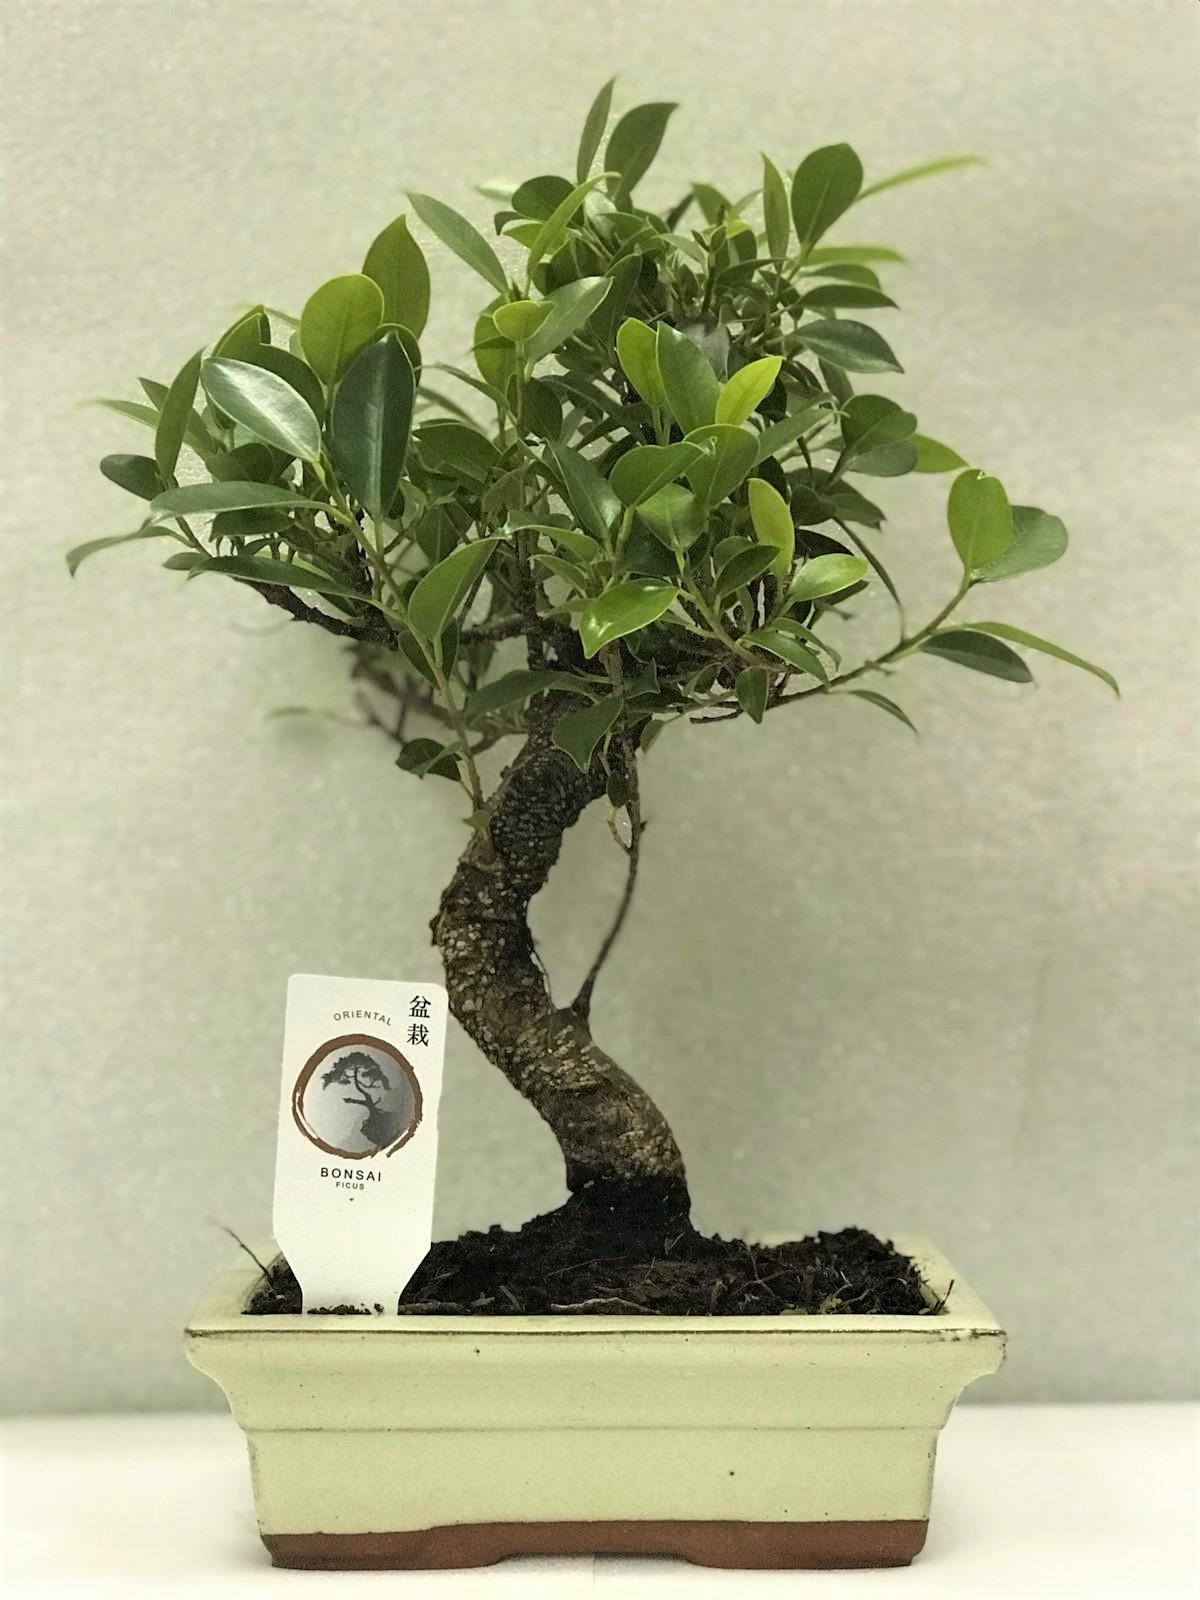 Bonsai ficus s shape Office Plants